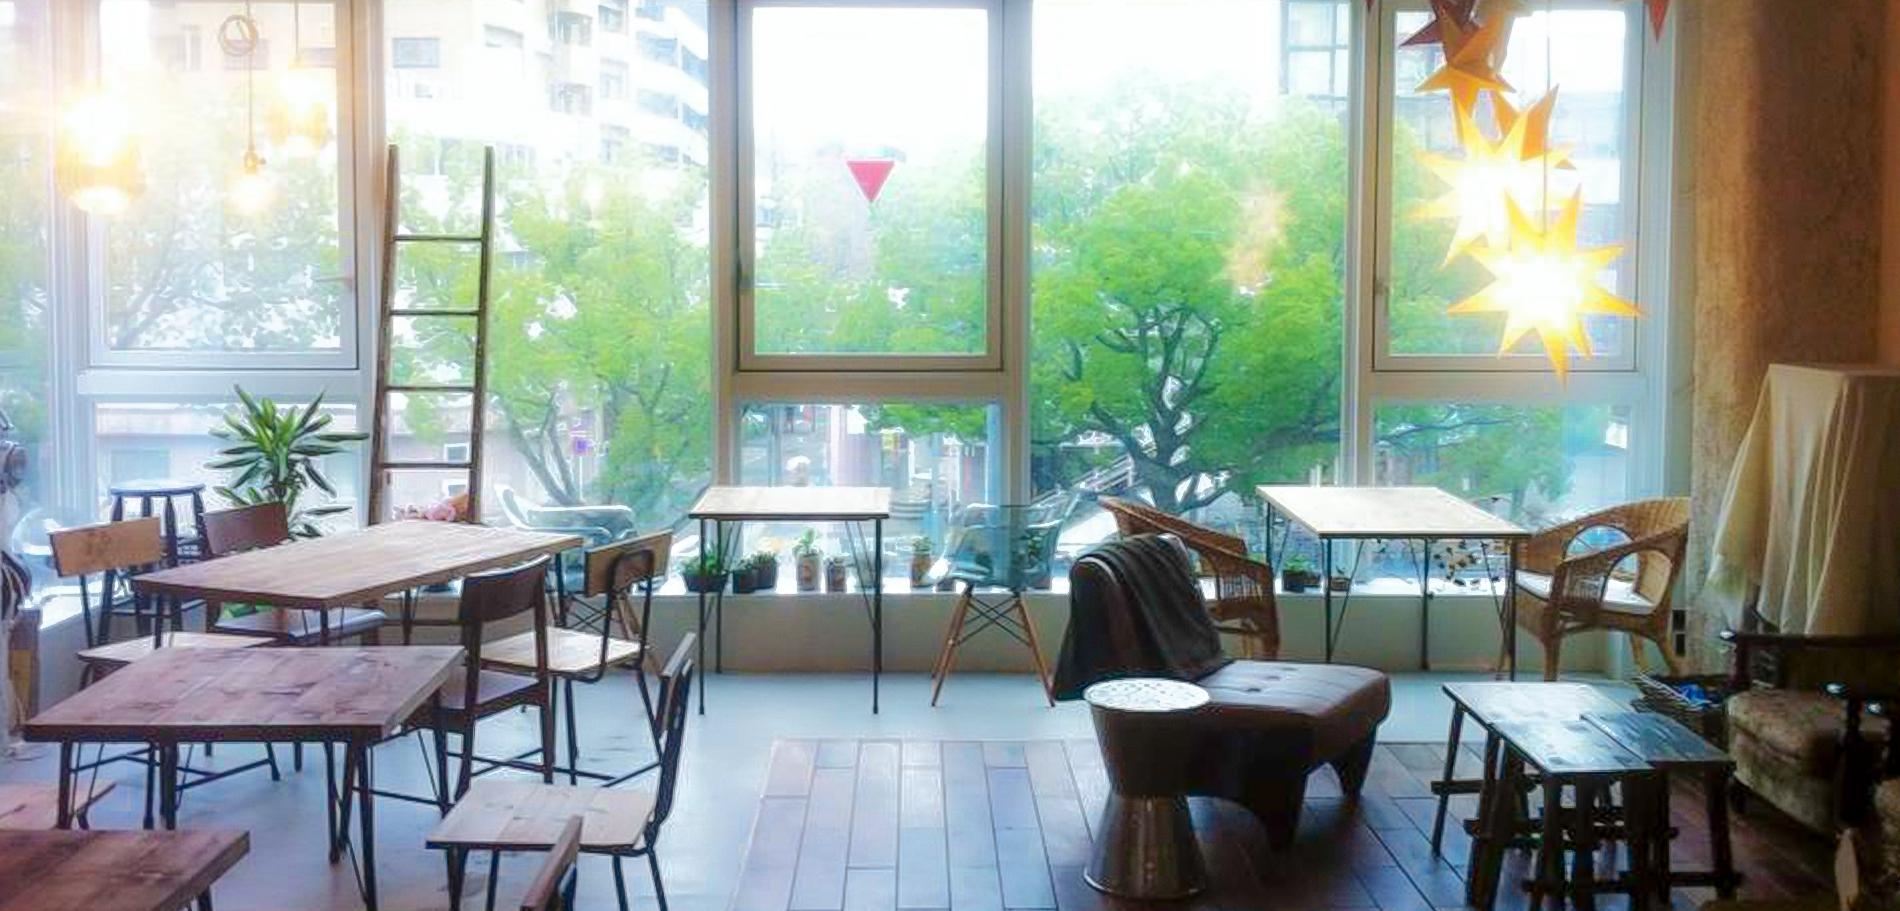 大須のシーシャカフェ